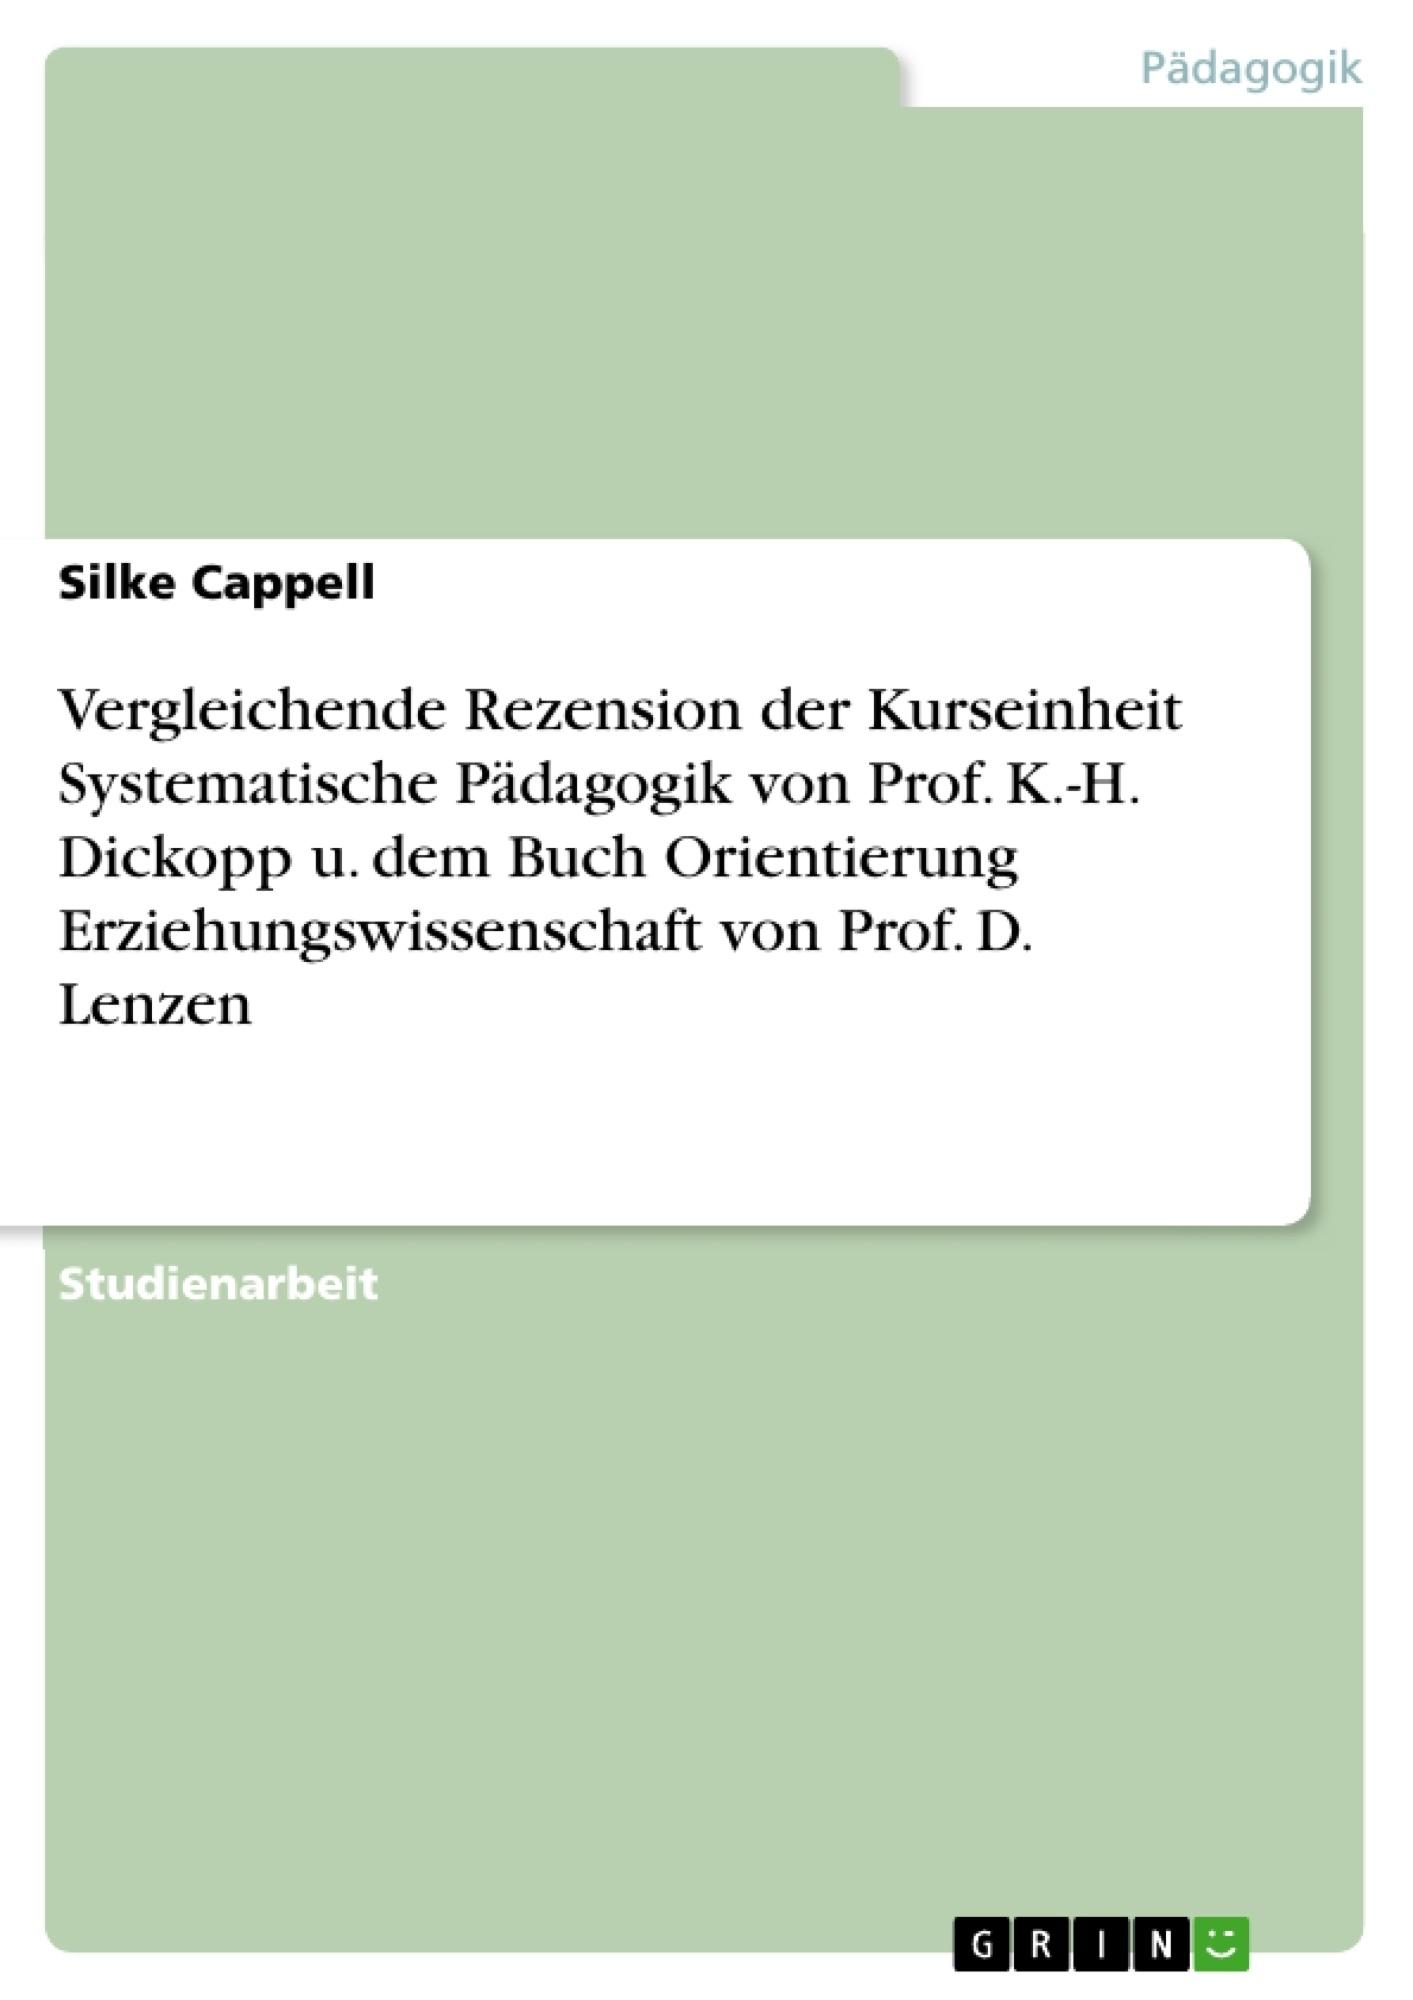 Titel: Vergleichende Rezension der Kurseinheit  Systematische Pädagogik  von Prof. K.-H. Dickopp u. dem Buch  Orientierung Erziehungswissenschaft  von Prof. D. Lenzen